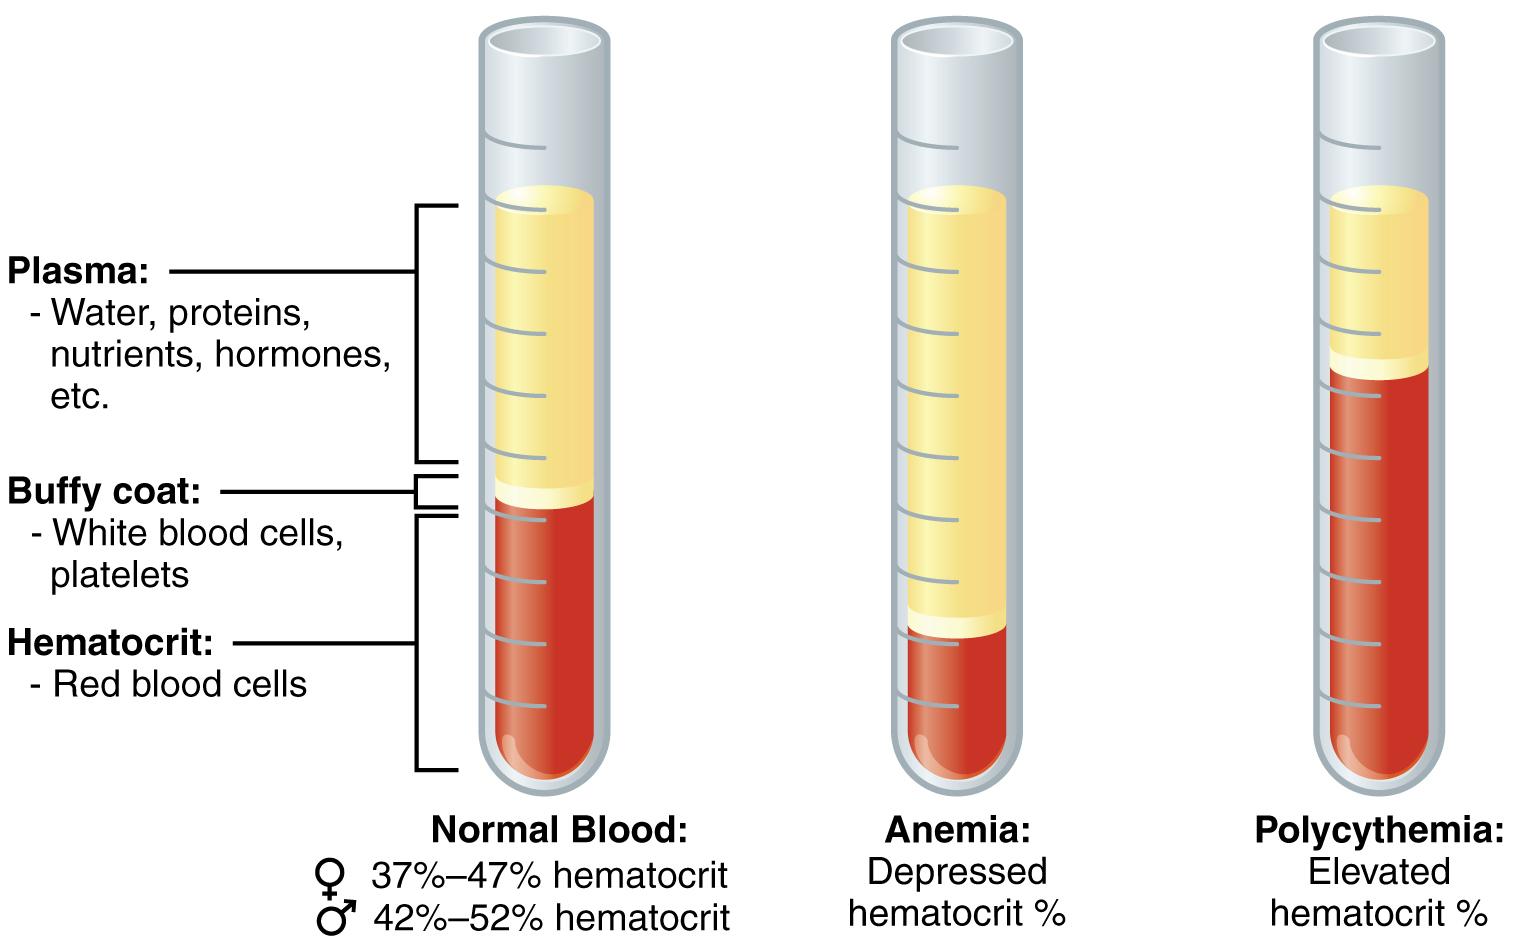 СОЭ при разных состояниях здоровья (норма или анемия)